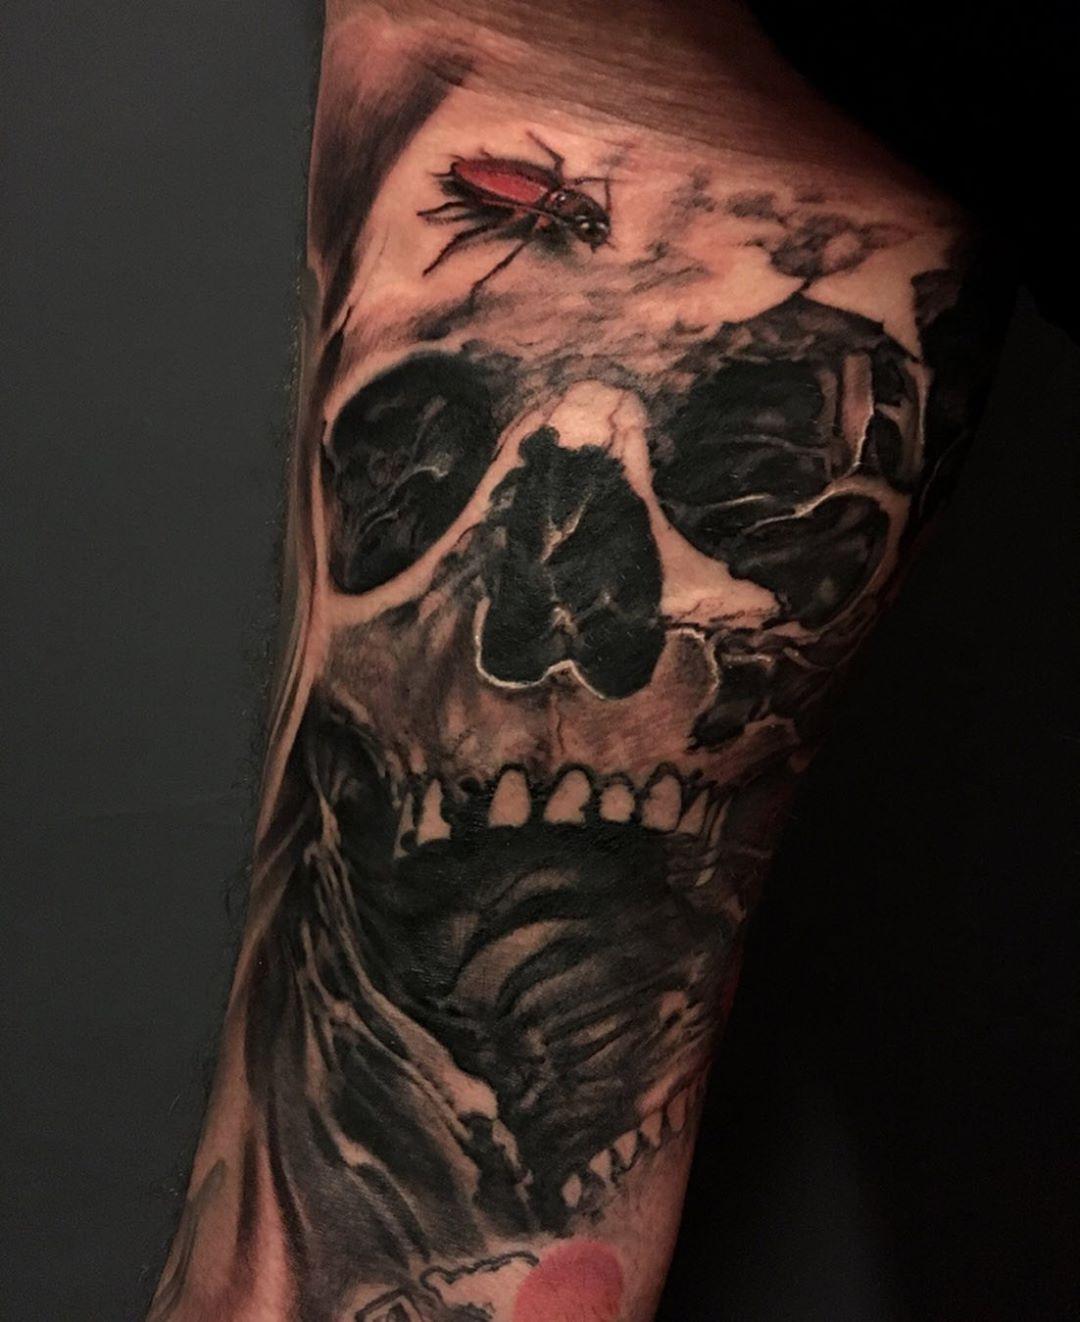 Thomas Kynst Tattoo inksearch tattoo